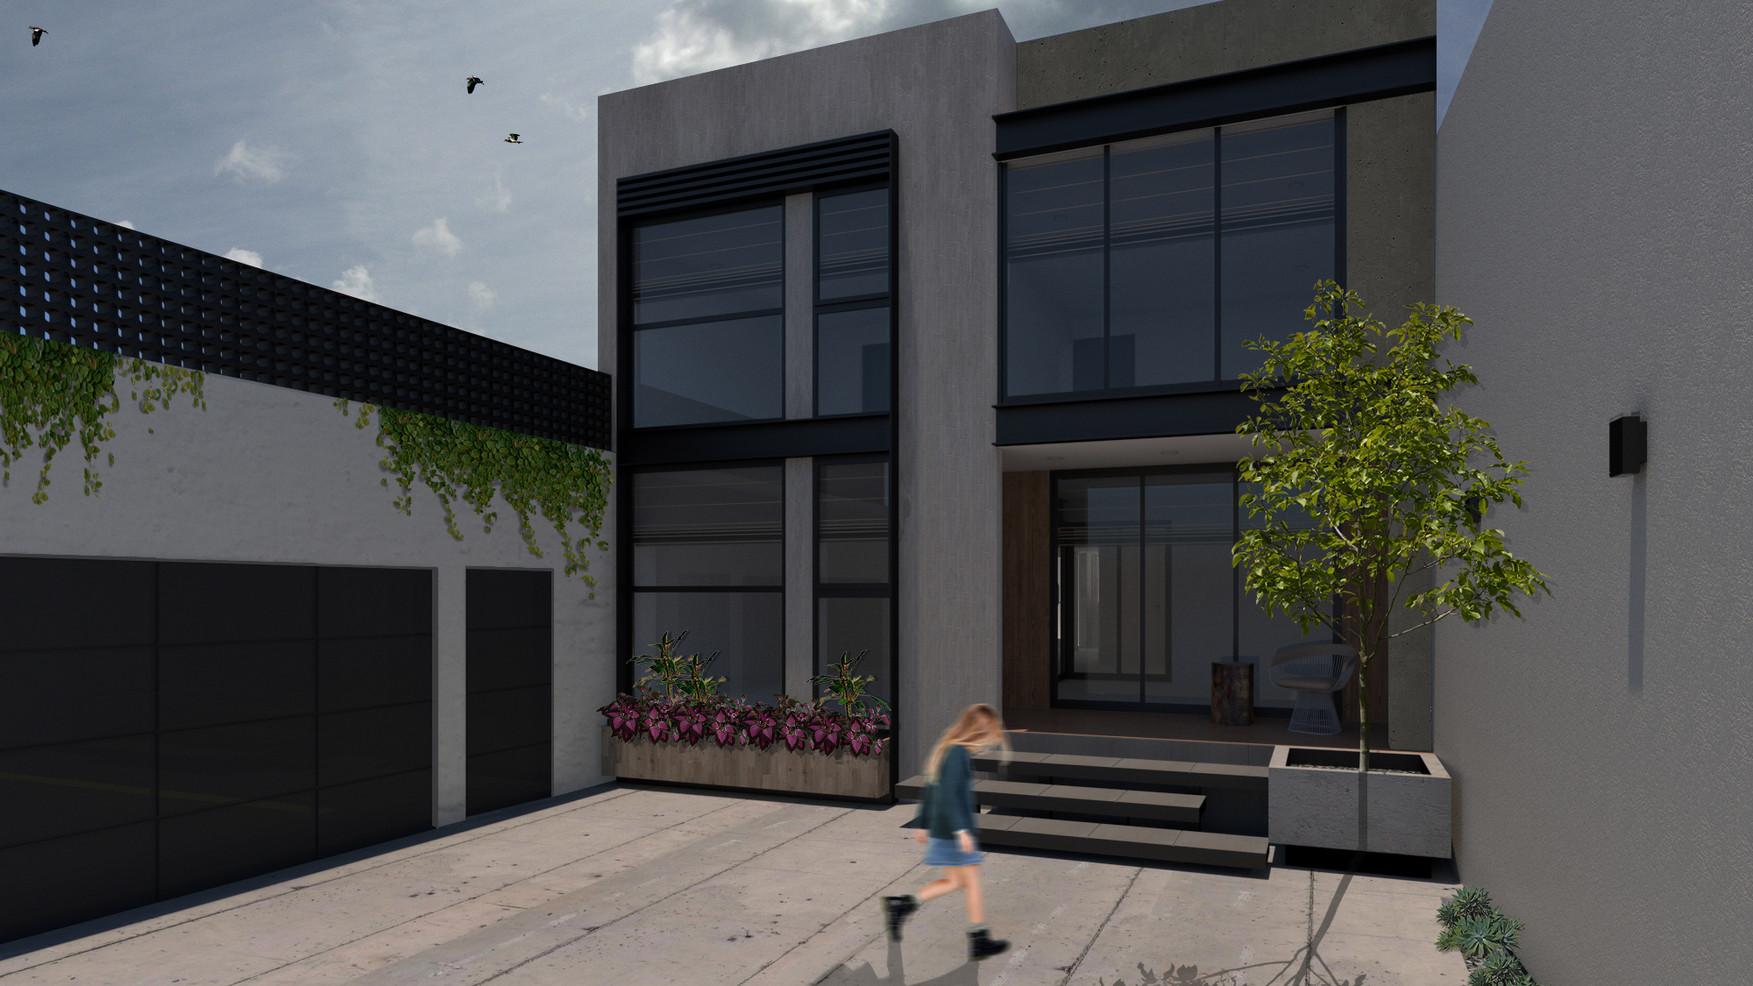 Maldonado fachada final (1).jpg